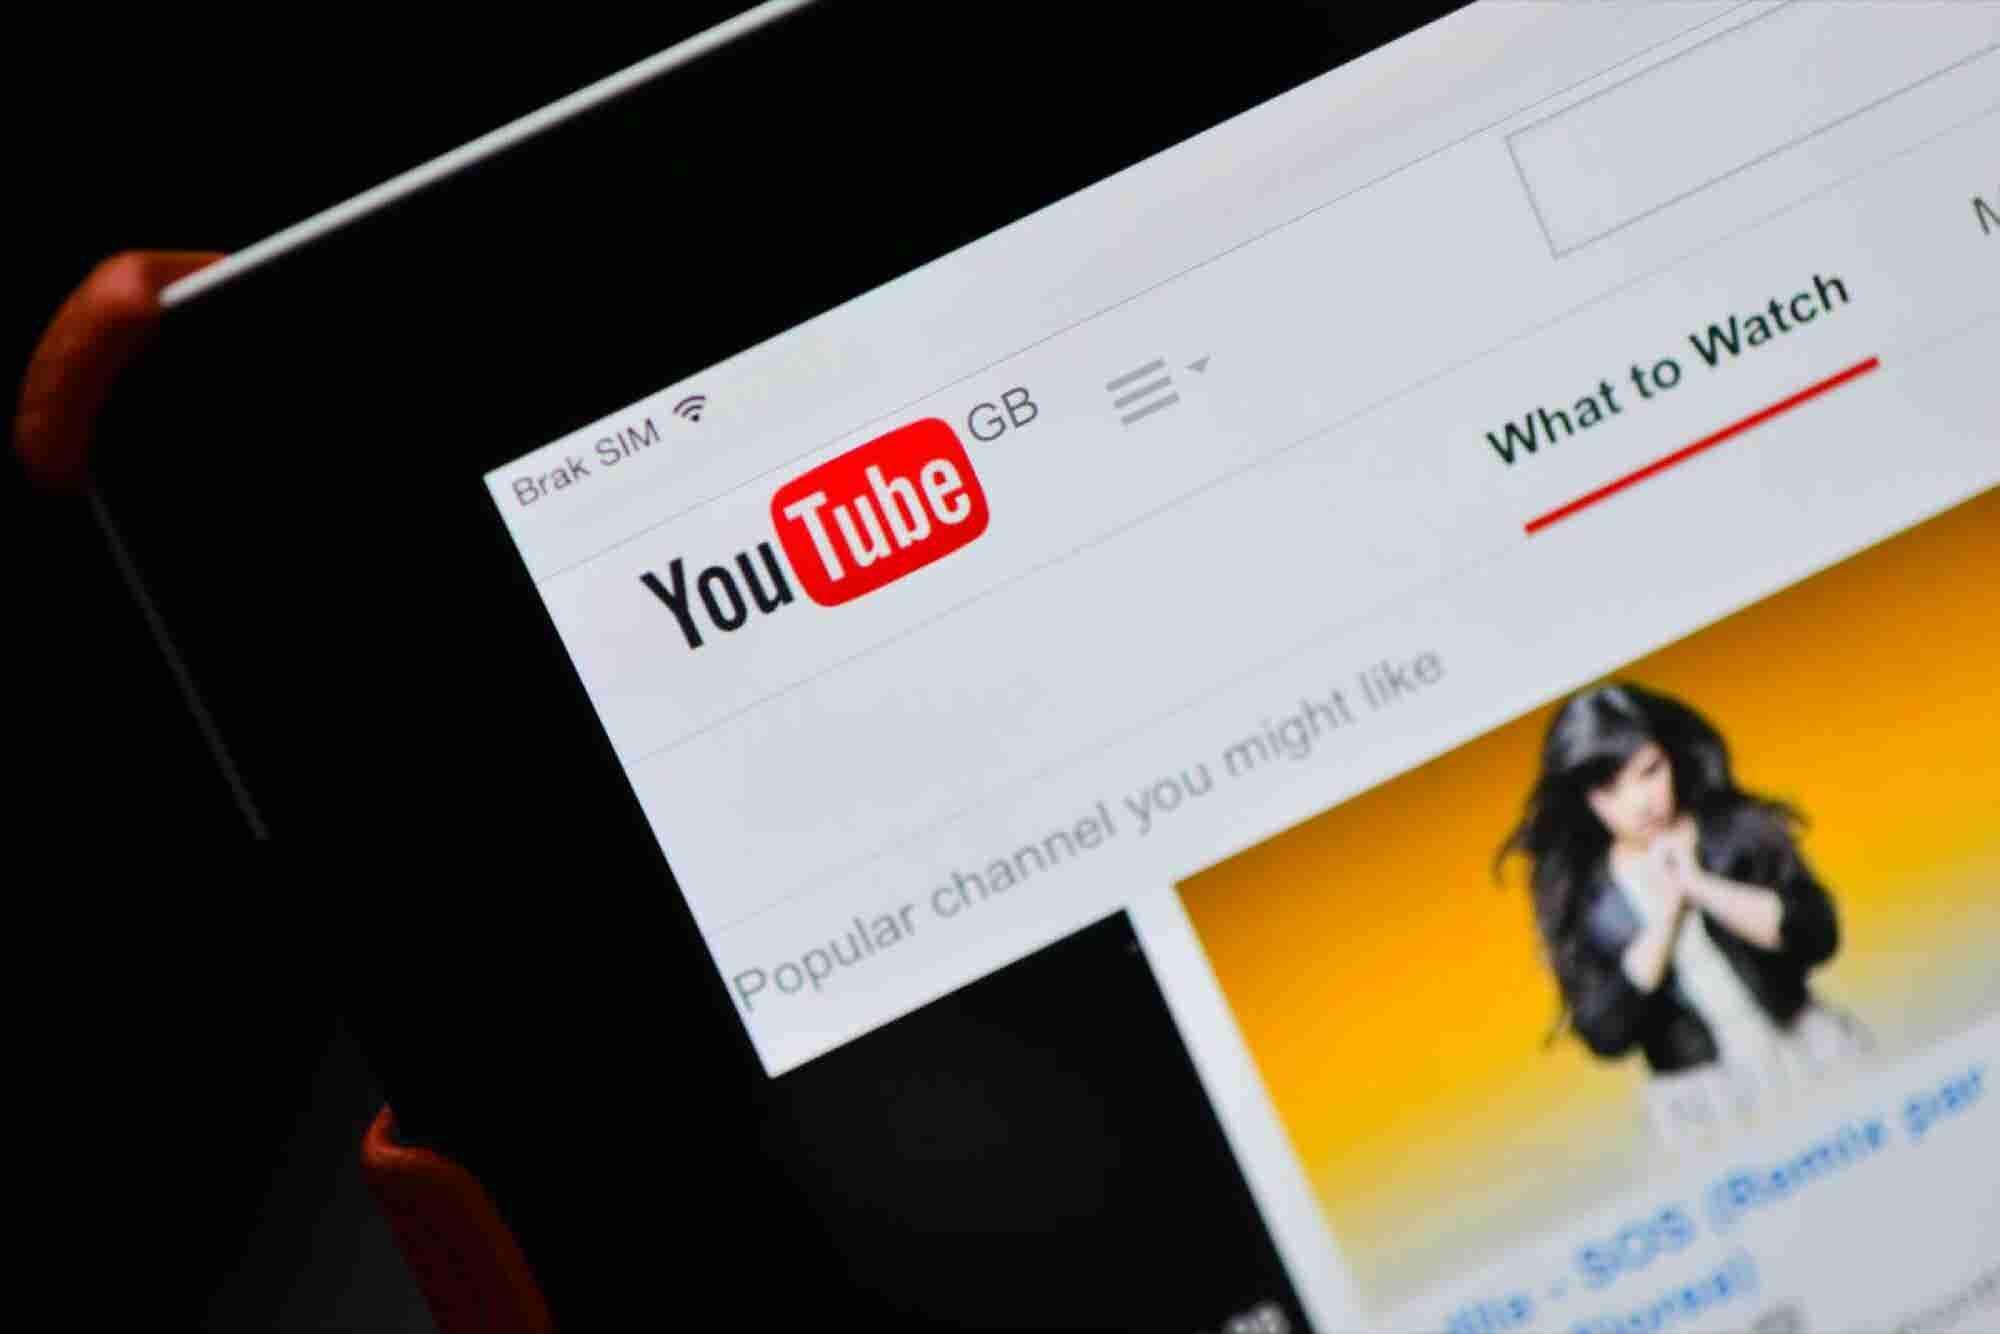 La escuela de YouTube que te convierte en un influencer